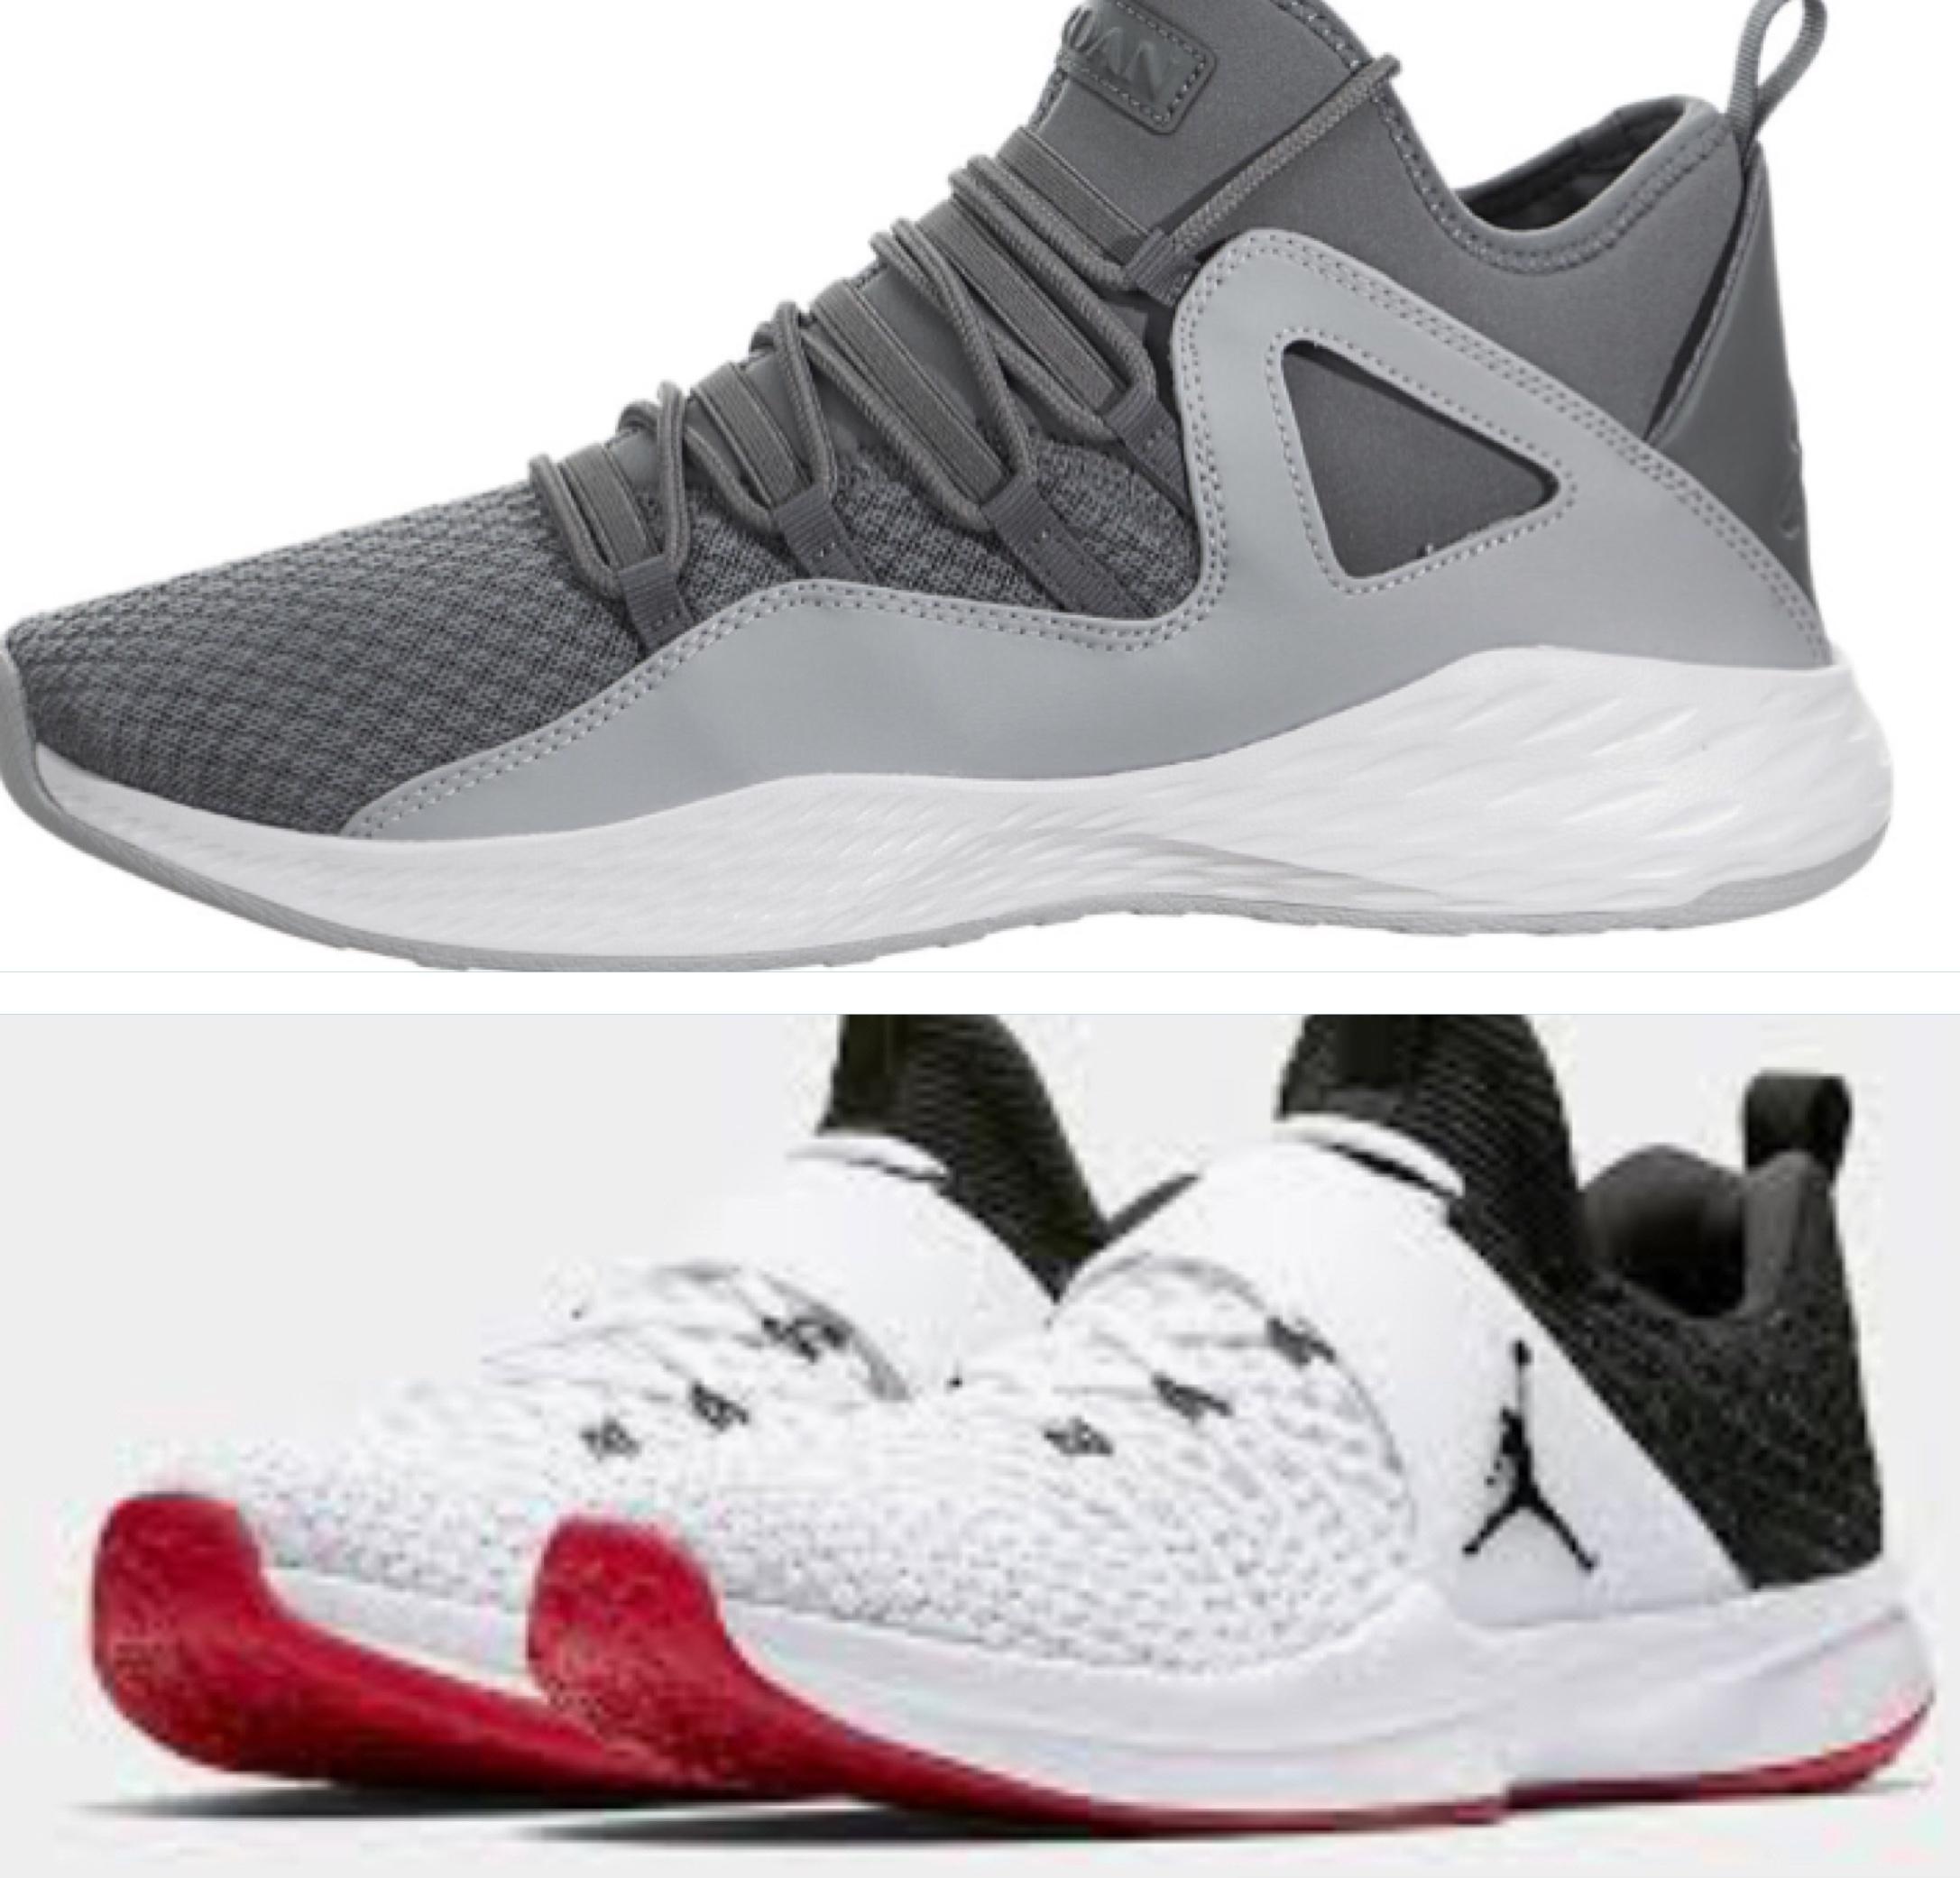 Adult Nike Jordan 23 Lows / Jordan trainers 2 Flyknit only £30 Nike Clearance Castleford